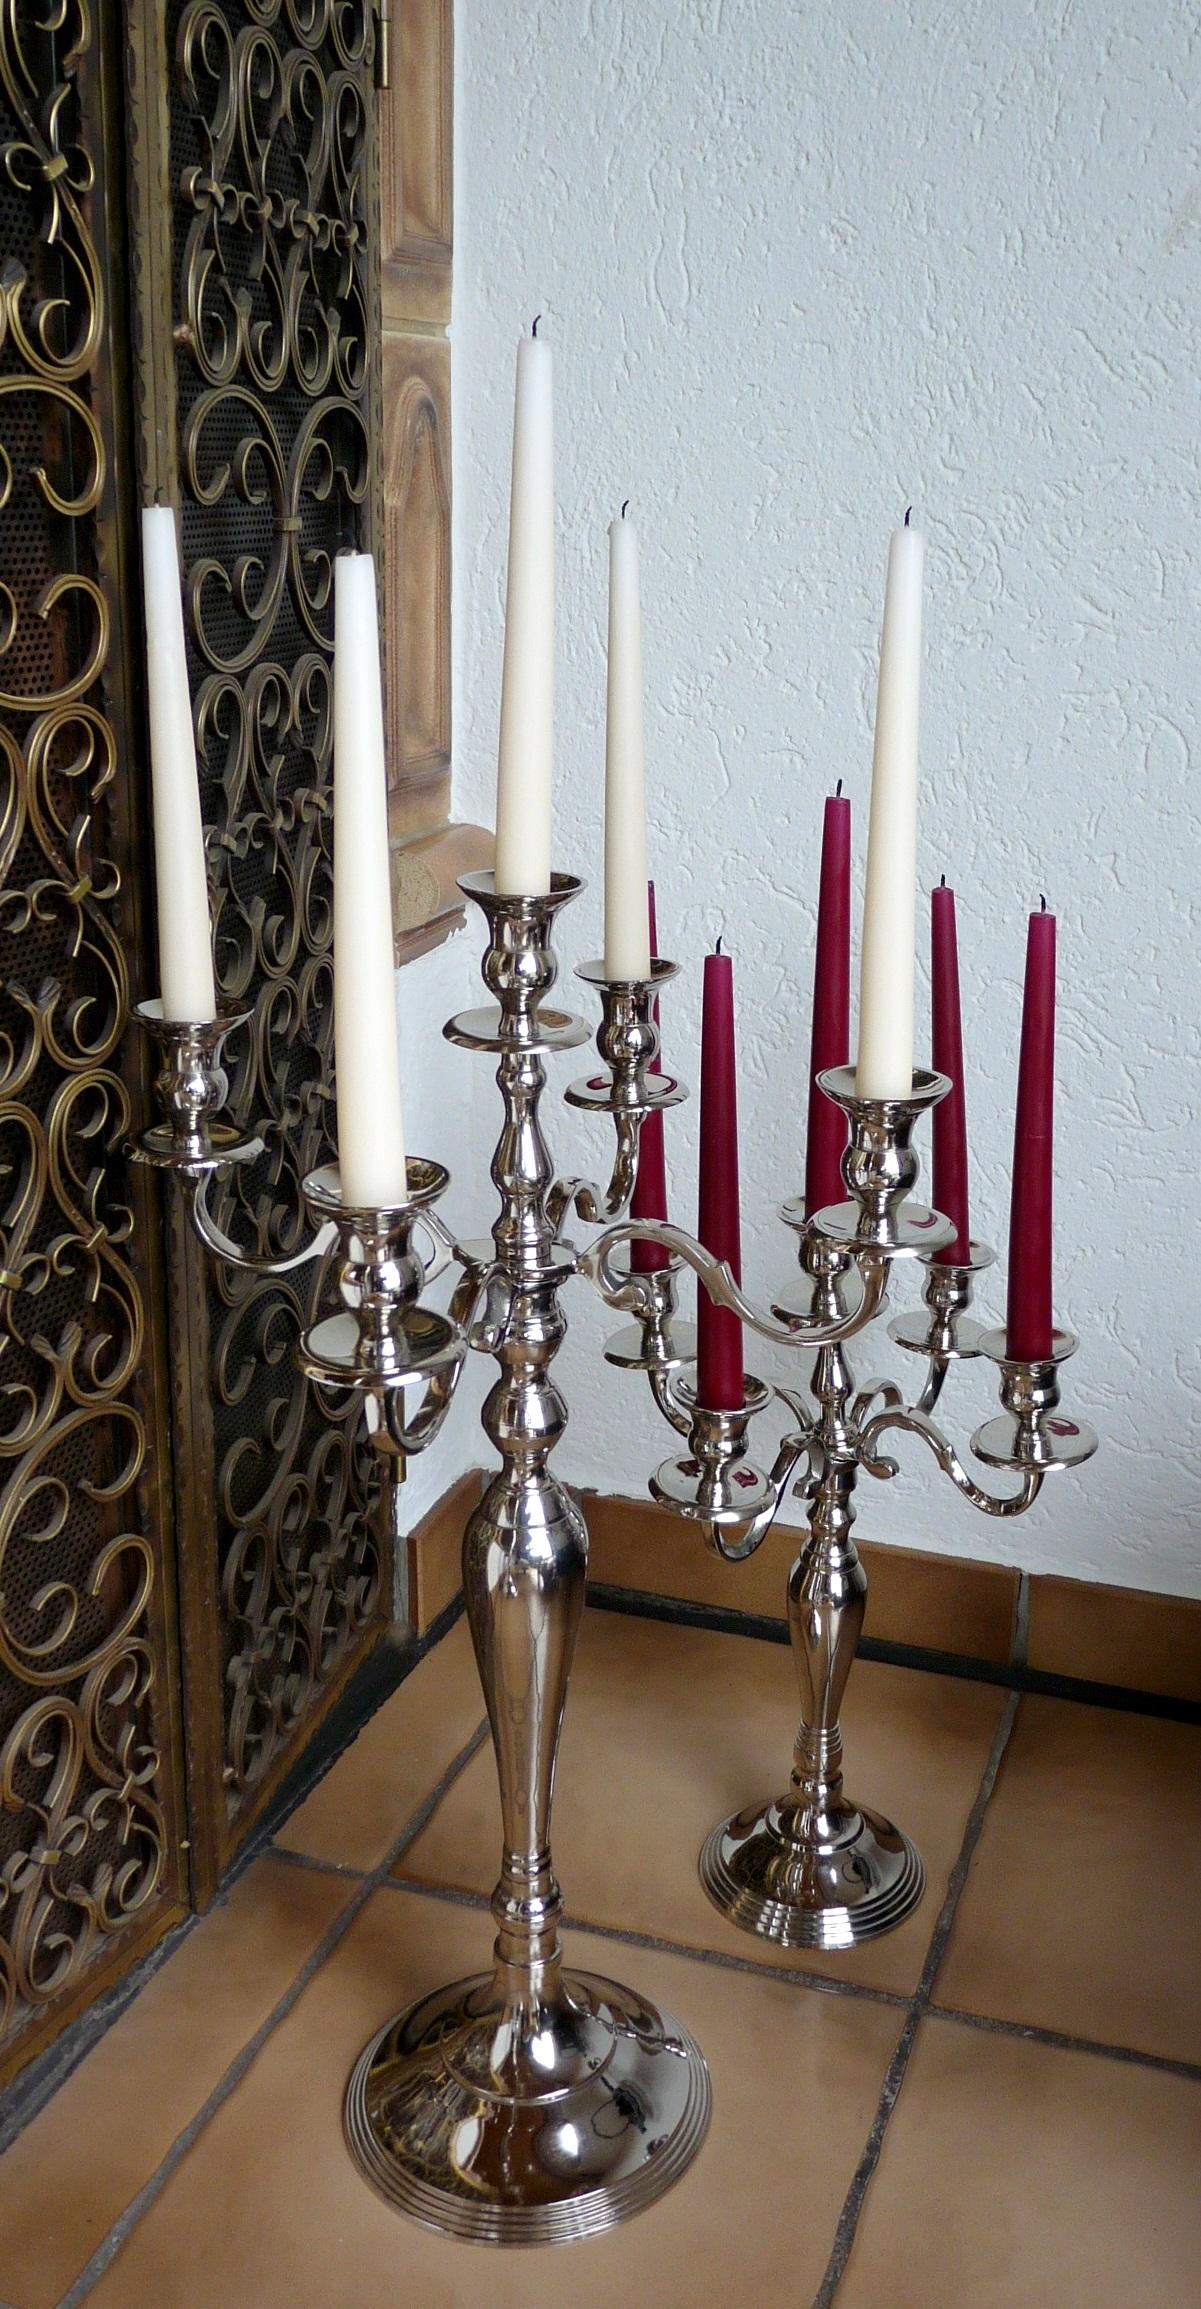 Beispiel von 2 Kerzenleuchtern